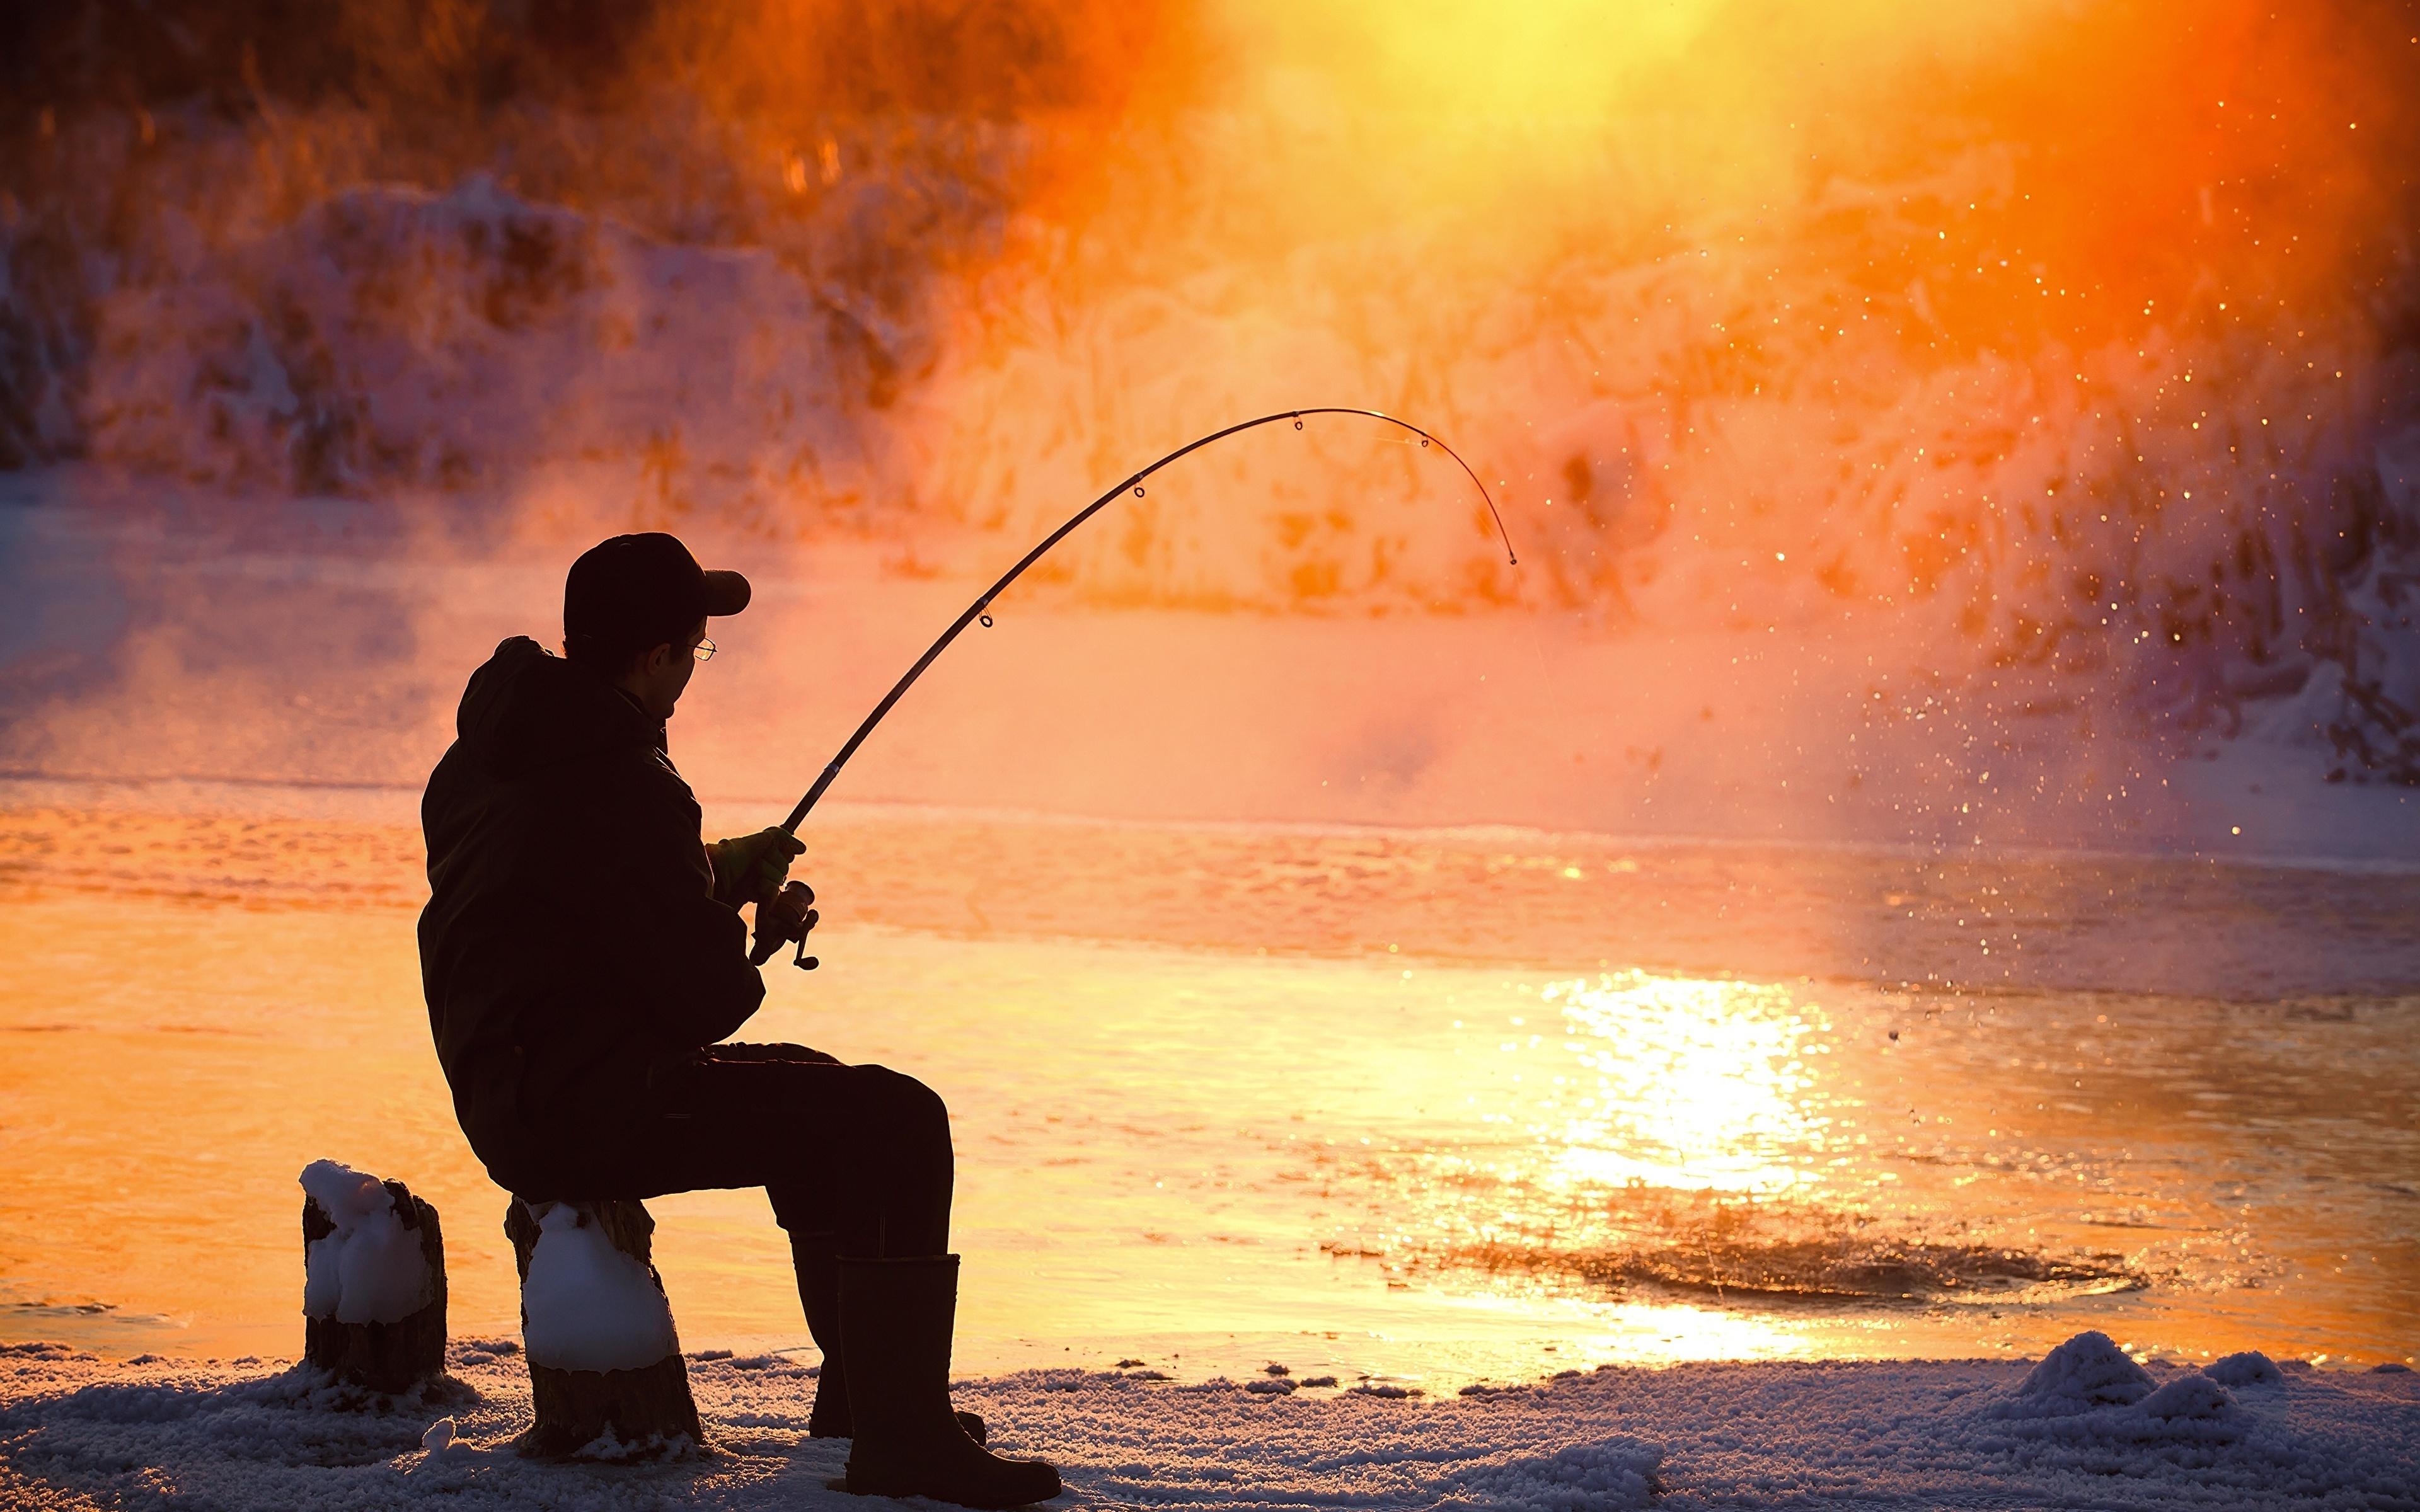 Картинки мужчина Рыбалка пары Сидит 3840x2400 Мужчины ловля рыбы Пар сидя паром сидящие